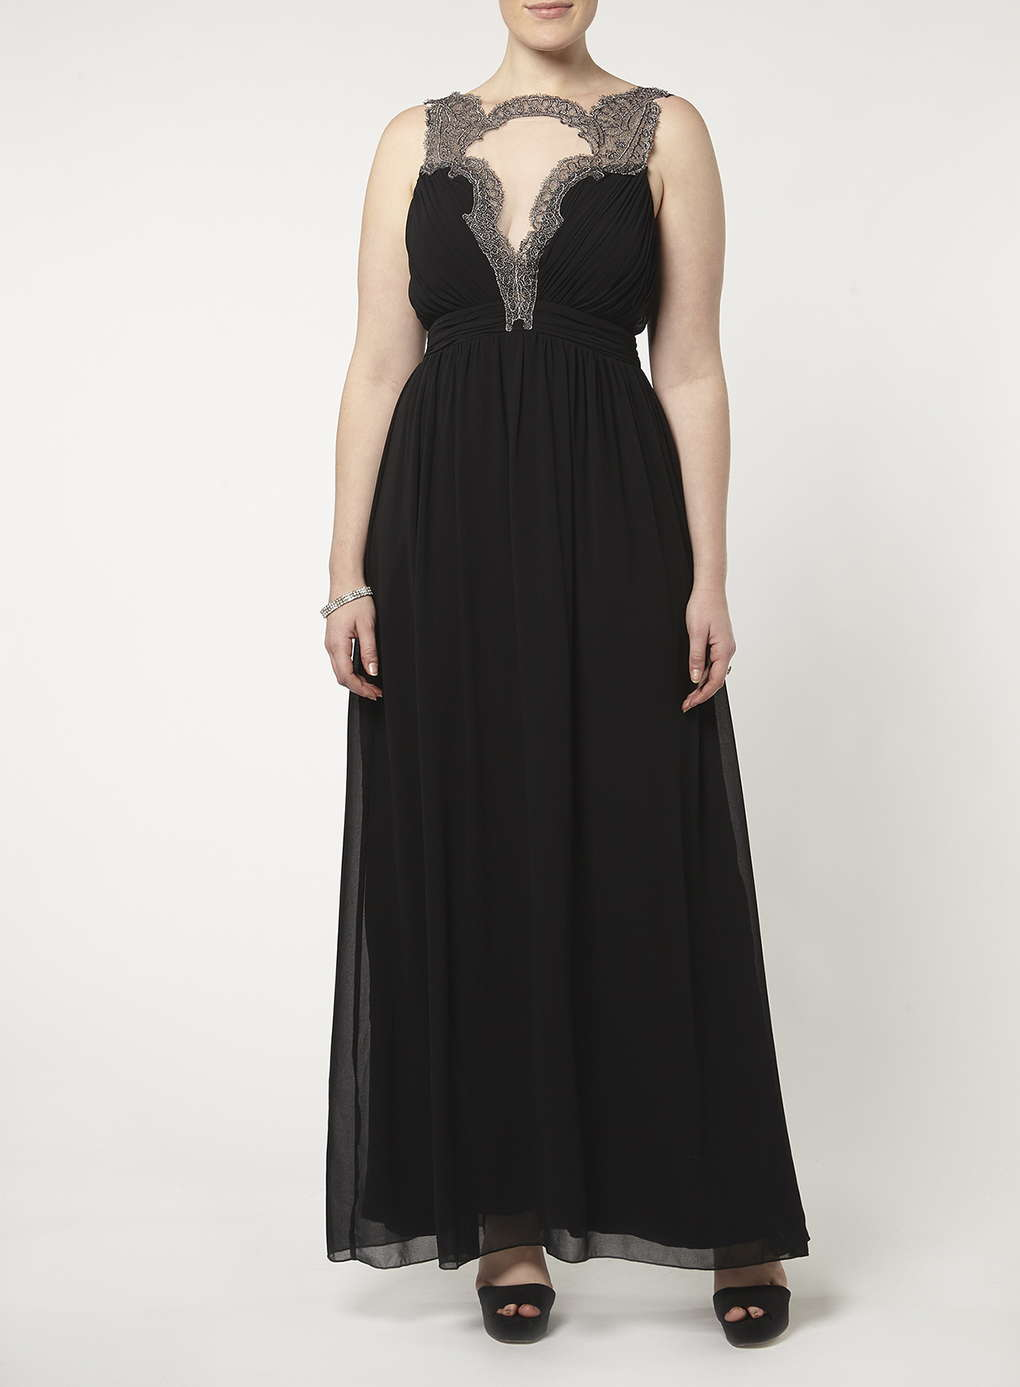 Büyük Beden Uzun Abiye Elbise Modelleri - Gece Elbiseleri - plus size dresses (16)